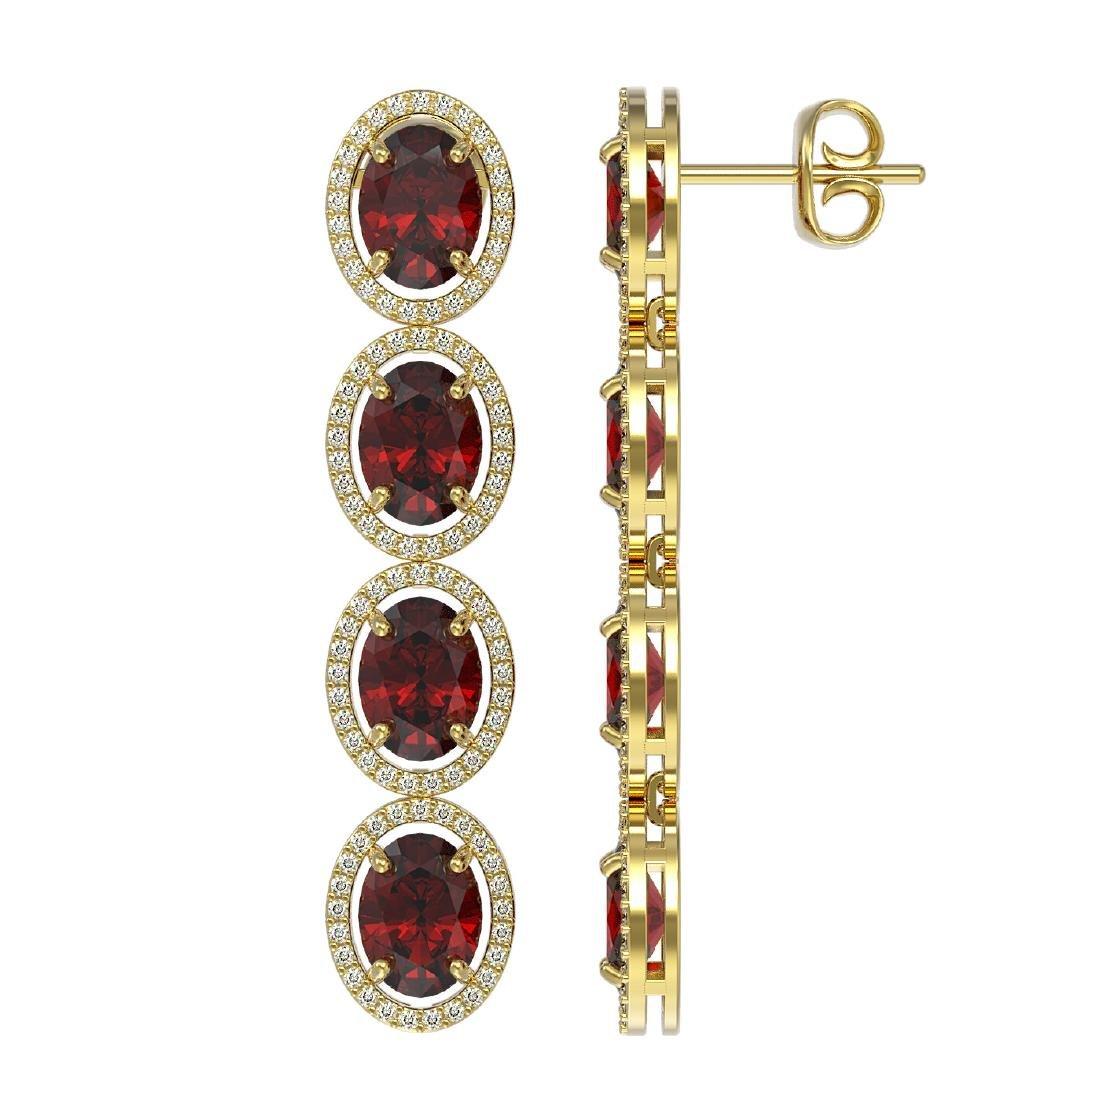 13.64 CTW Garnet & Diamond Halo Earrings 10K Yellow - 2